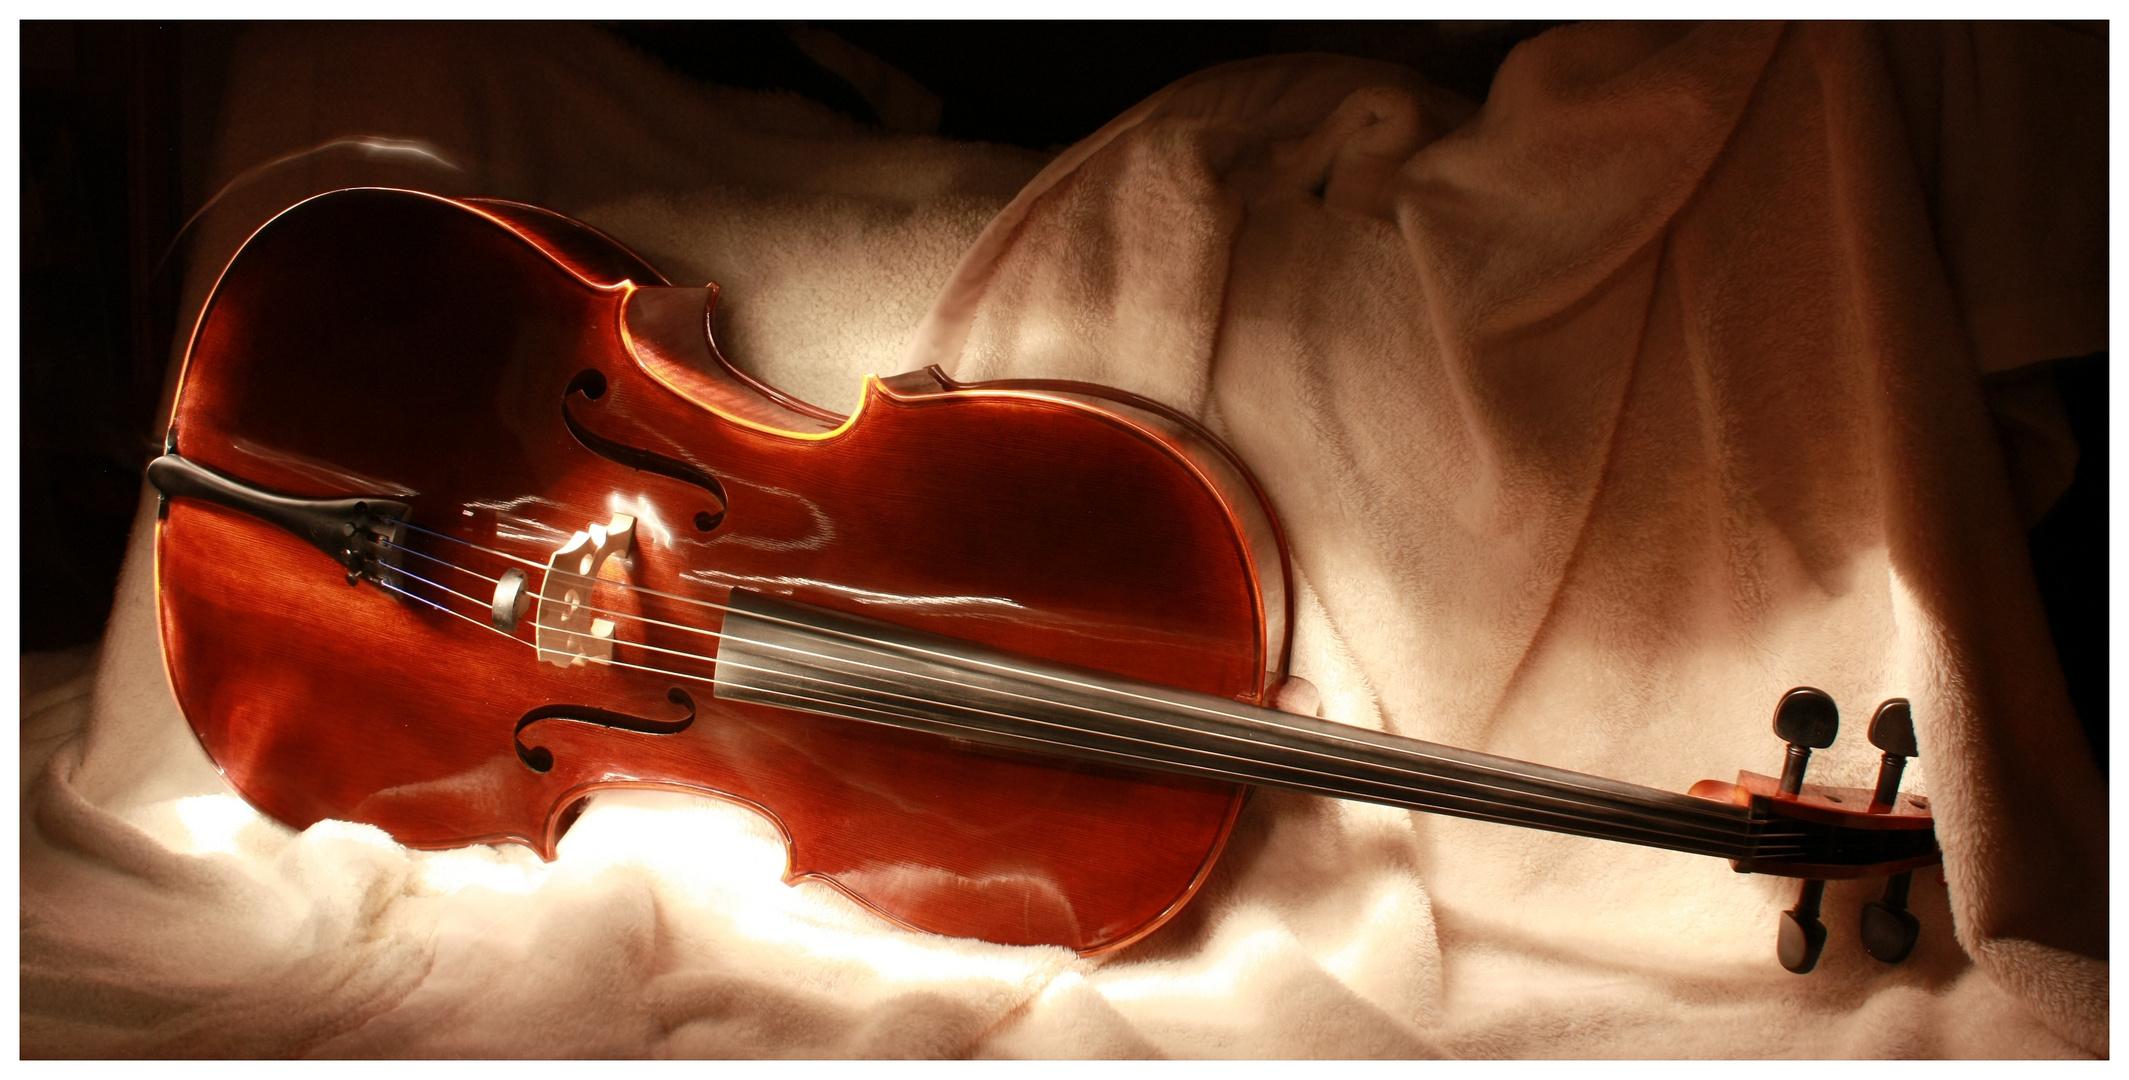 My Cello...